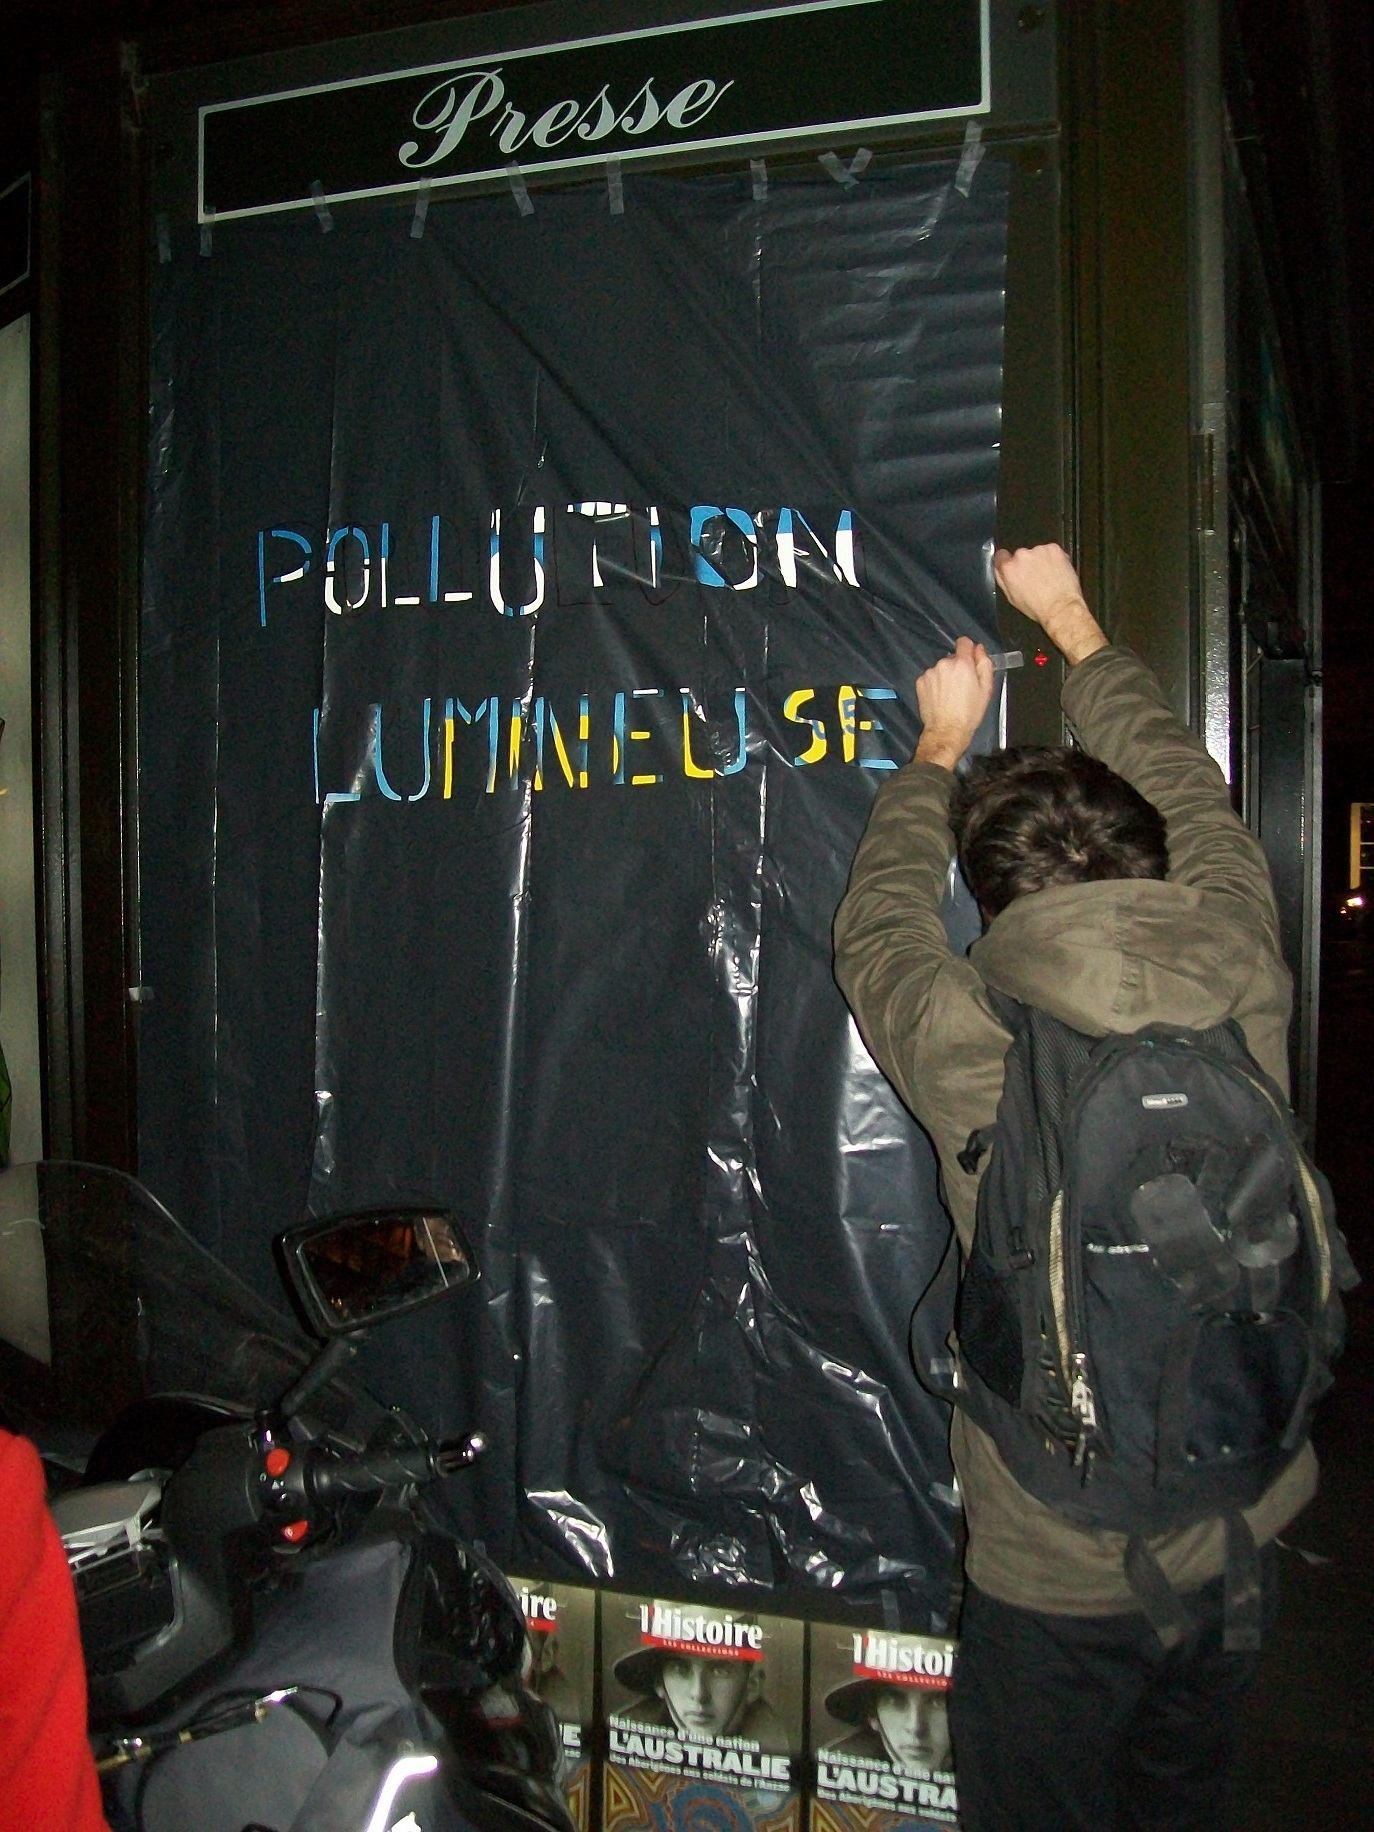 Pollucion-un.jpg